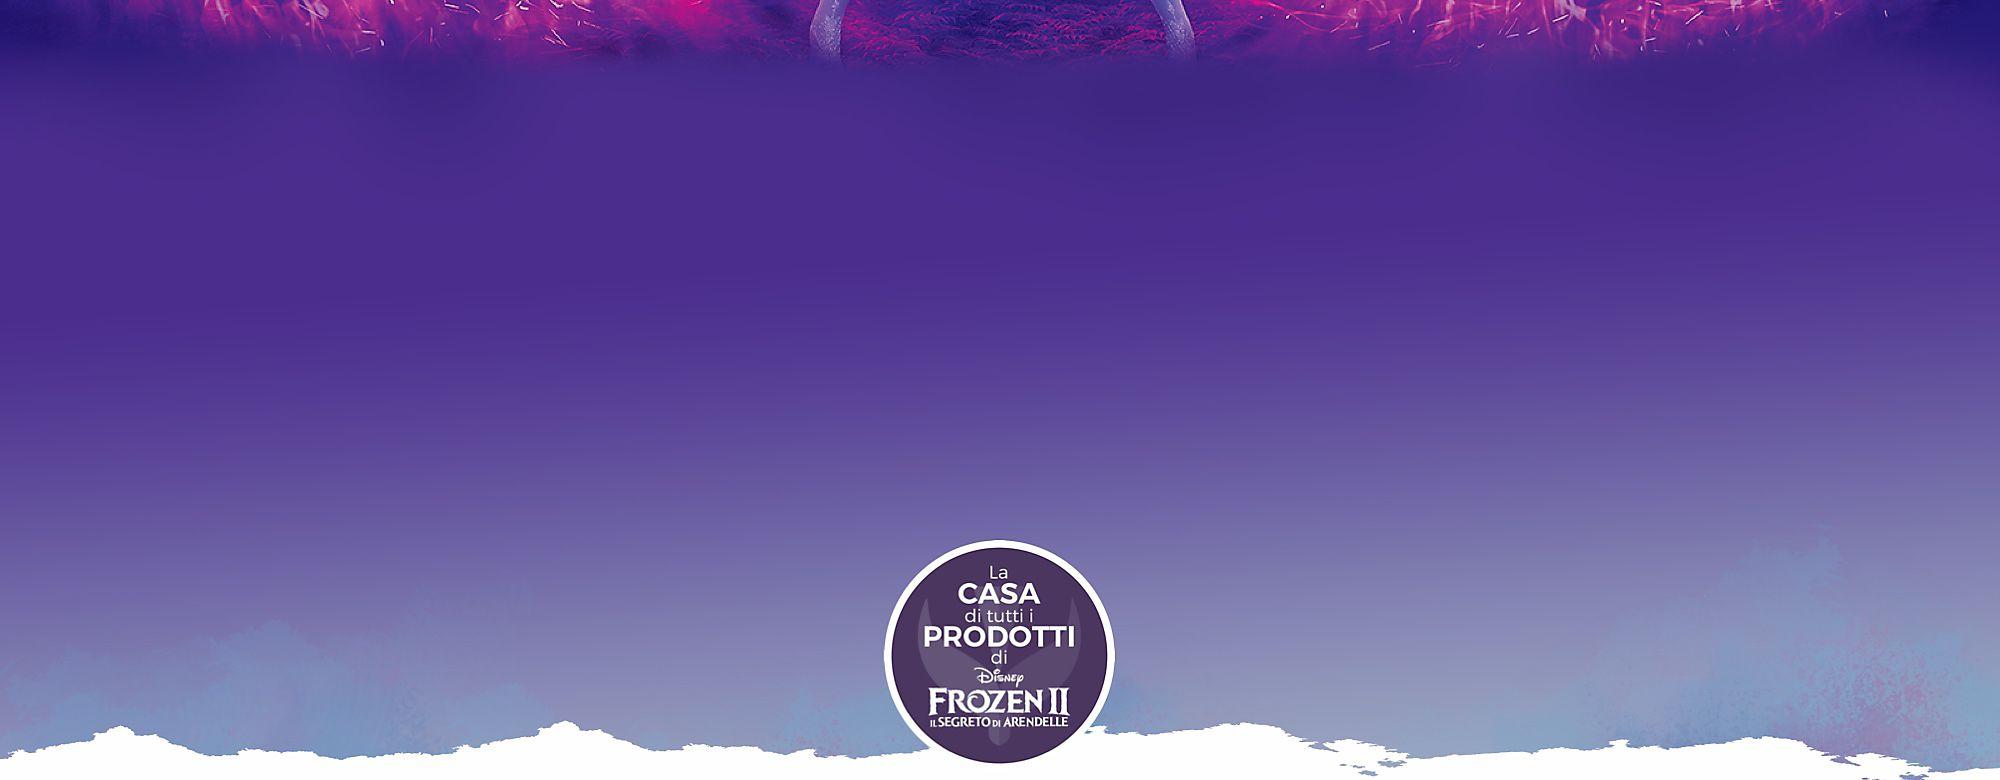 Frozen 2 - Il segreto di Arendelle: prodotti ufficiali, giocattoli, costumi, trailer, data di uscita del film e molto altro ancora! Benvenuti nella casa ufficiale dei prodotti di Frozen 2 inclusi giocattoli, bambole, costumi in maschera e altro ancora. Entra nell'ignoto e guarda l'ultimo trailer qui sopra prima che il film arrivi nei cinema il 27 novembre. Parti per questo magico ma pericoloso viaggio con Elsa, Anna, Kristoff, Olaf e Sven mentre iniziano a scoprire l'origine dei poteri di Elsa. ACQUISTA ORA